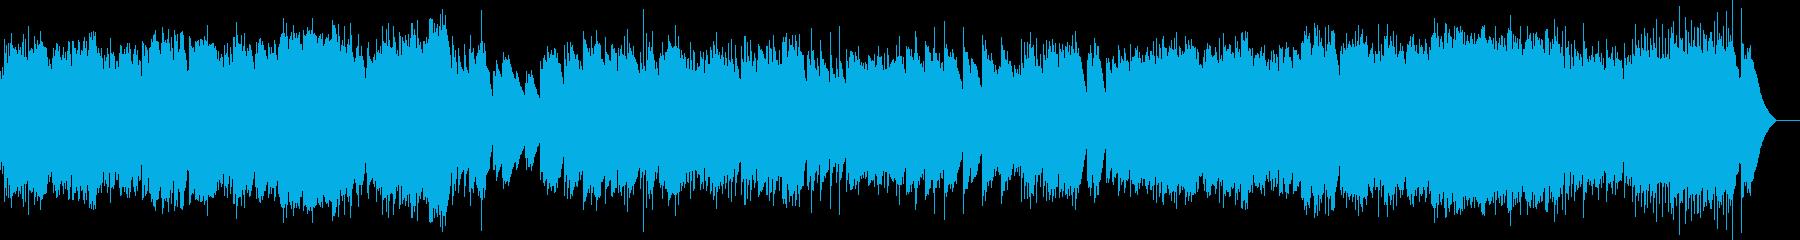 小組曲 4.バレエ(オルゴール)の再生済みの波形